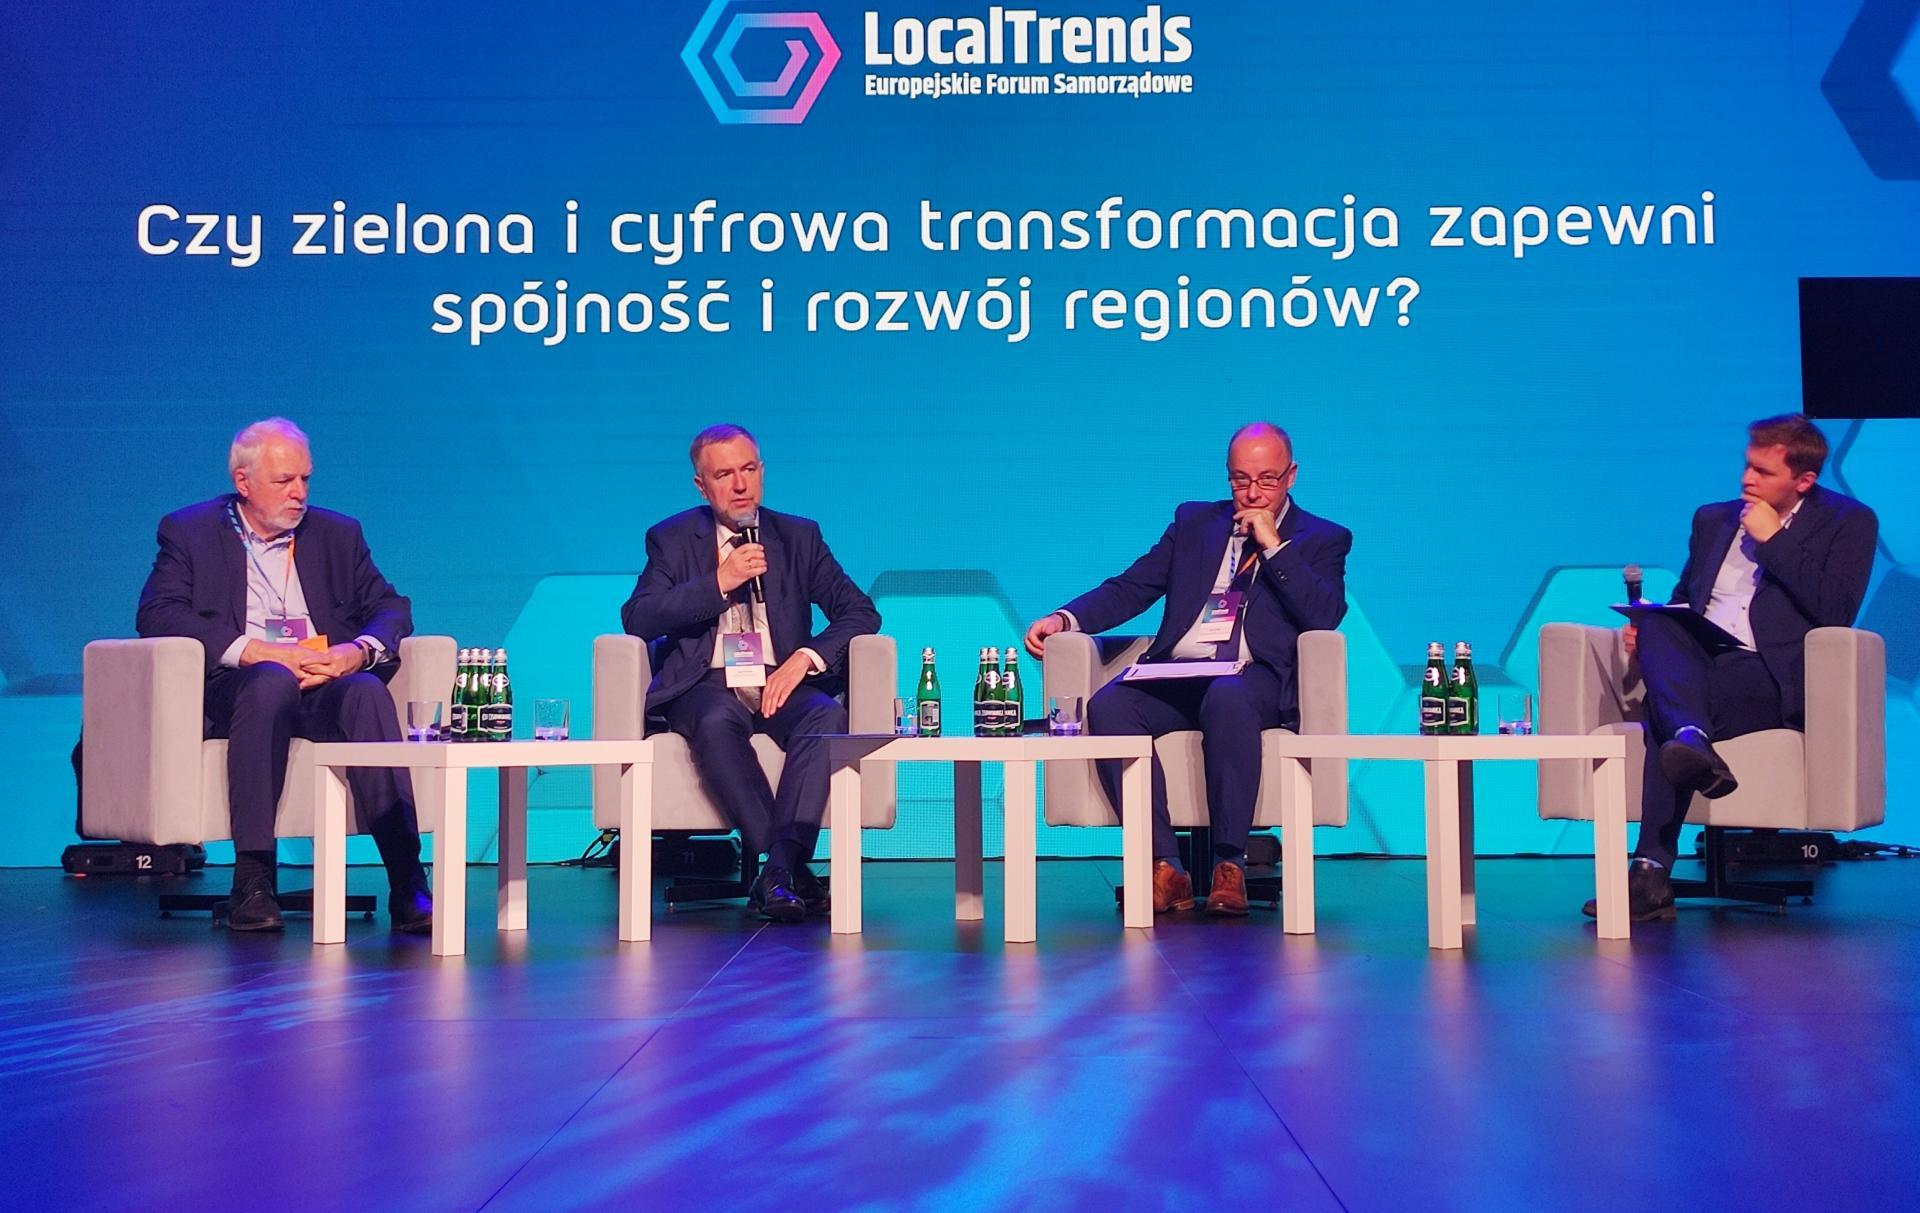 Marszałek na Local Trends: Nie będzie zielonej transformacji bez uczciwego dialogu z mieszkańcami  - zobacz więcej